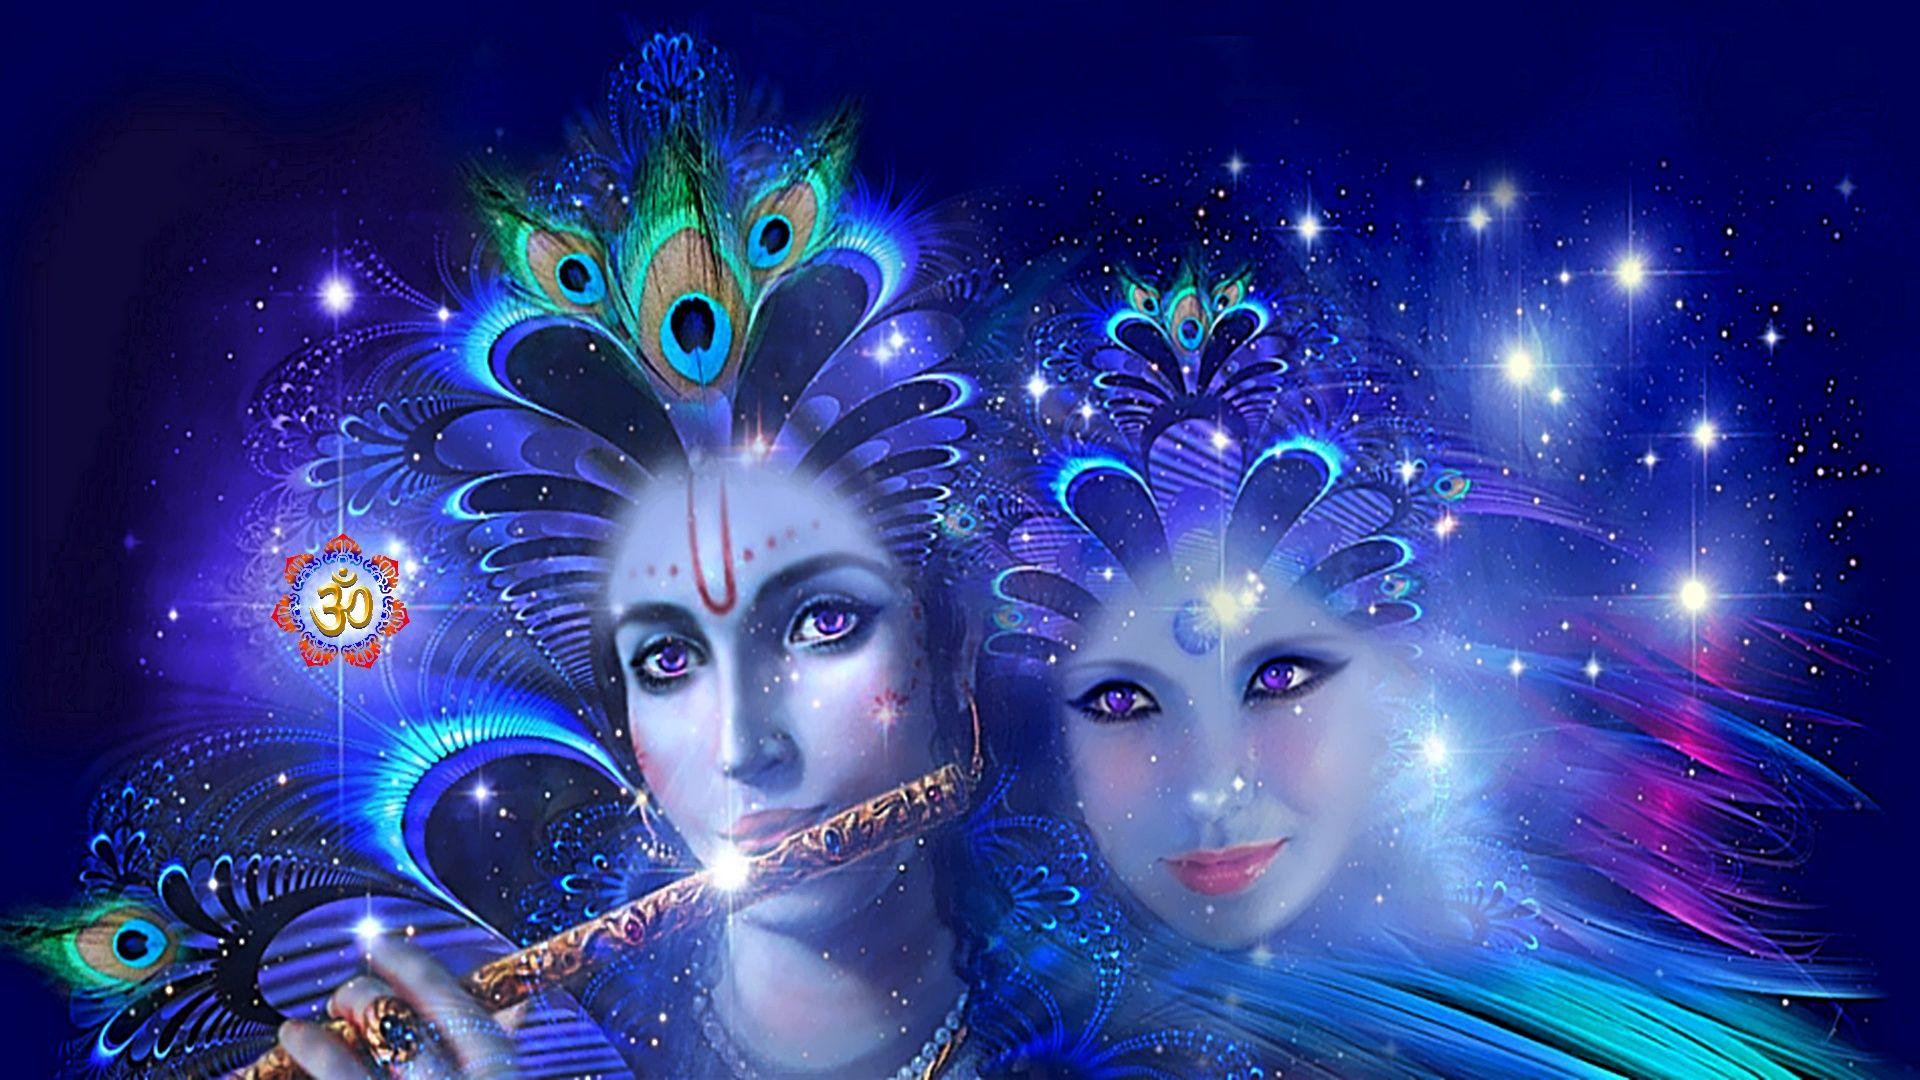 Abstract 3d Art Radha Krishna Abstract Caring God Hinduism Loving Sparkling Lord Krishna Hd Wallpaper Krishna Wallpaper Radha Krishna Wallpaper